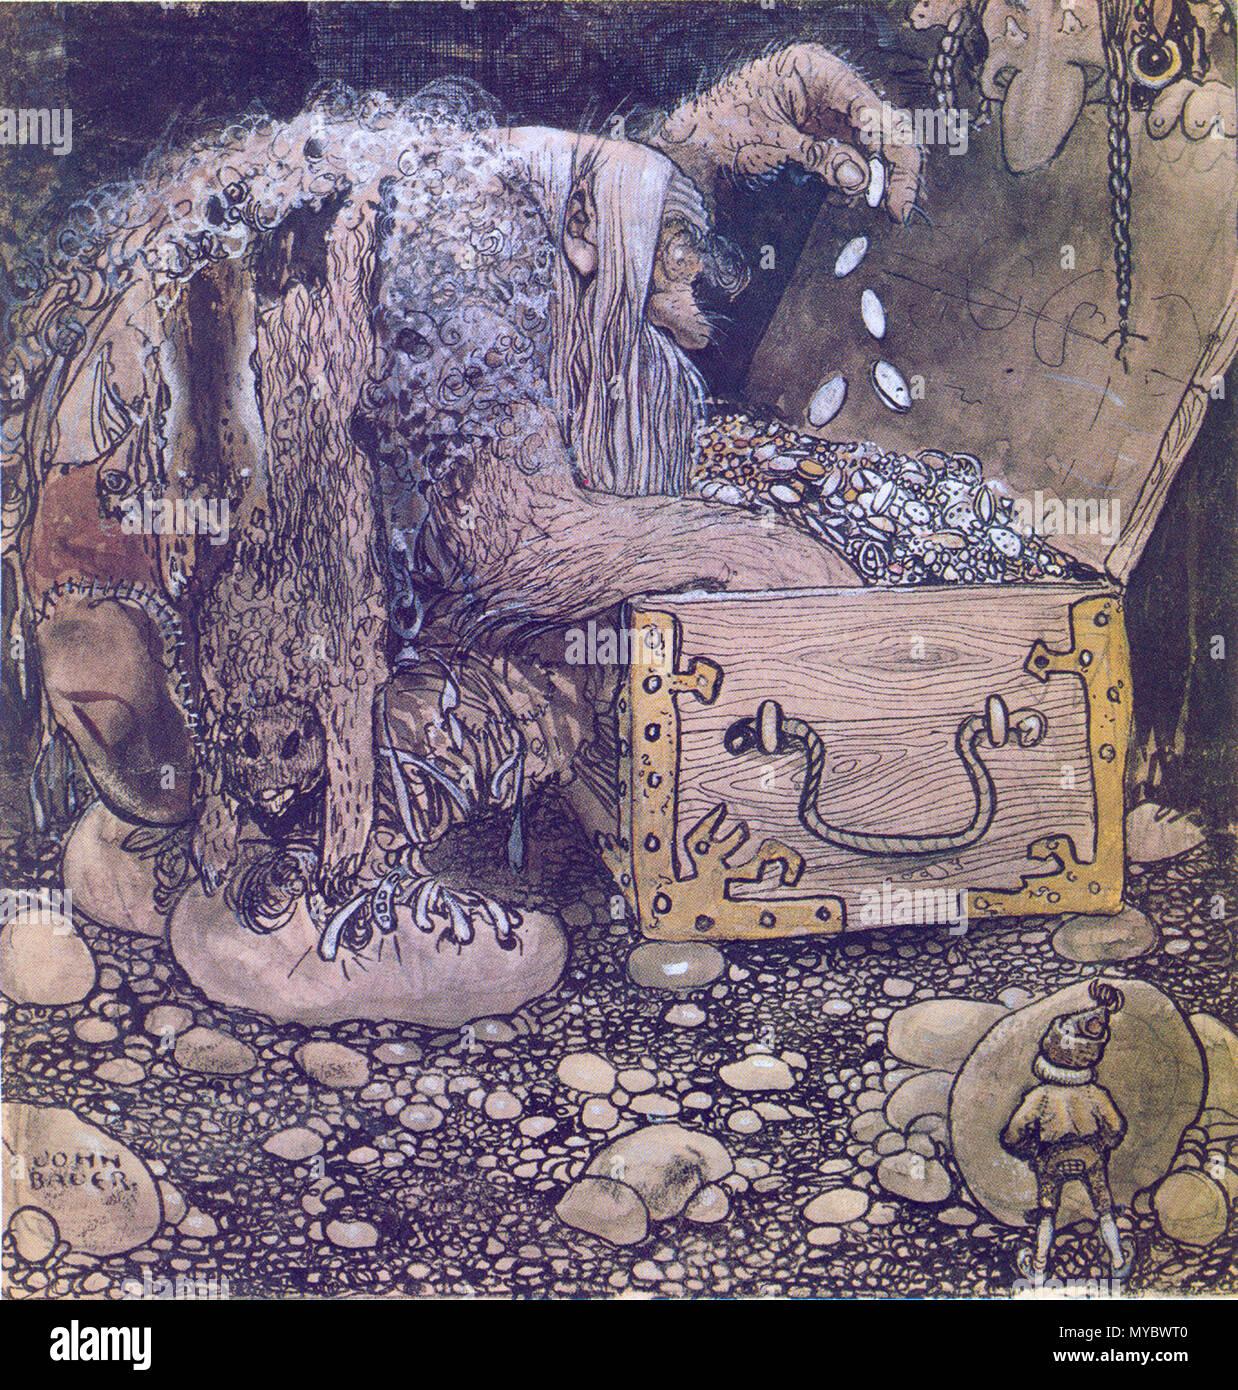 367 Mitt på golvet stod en öppen kista och sutto två förskräckliga troll - Stock Image